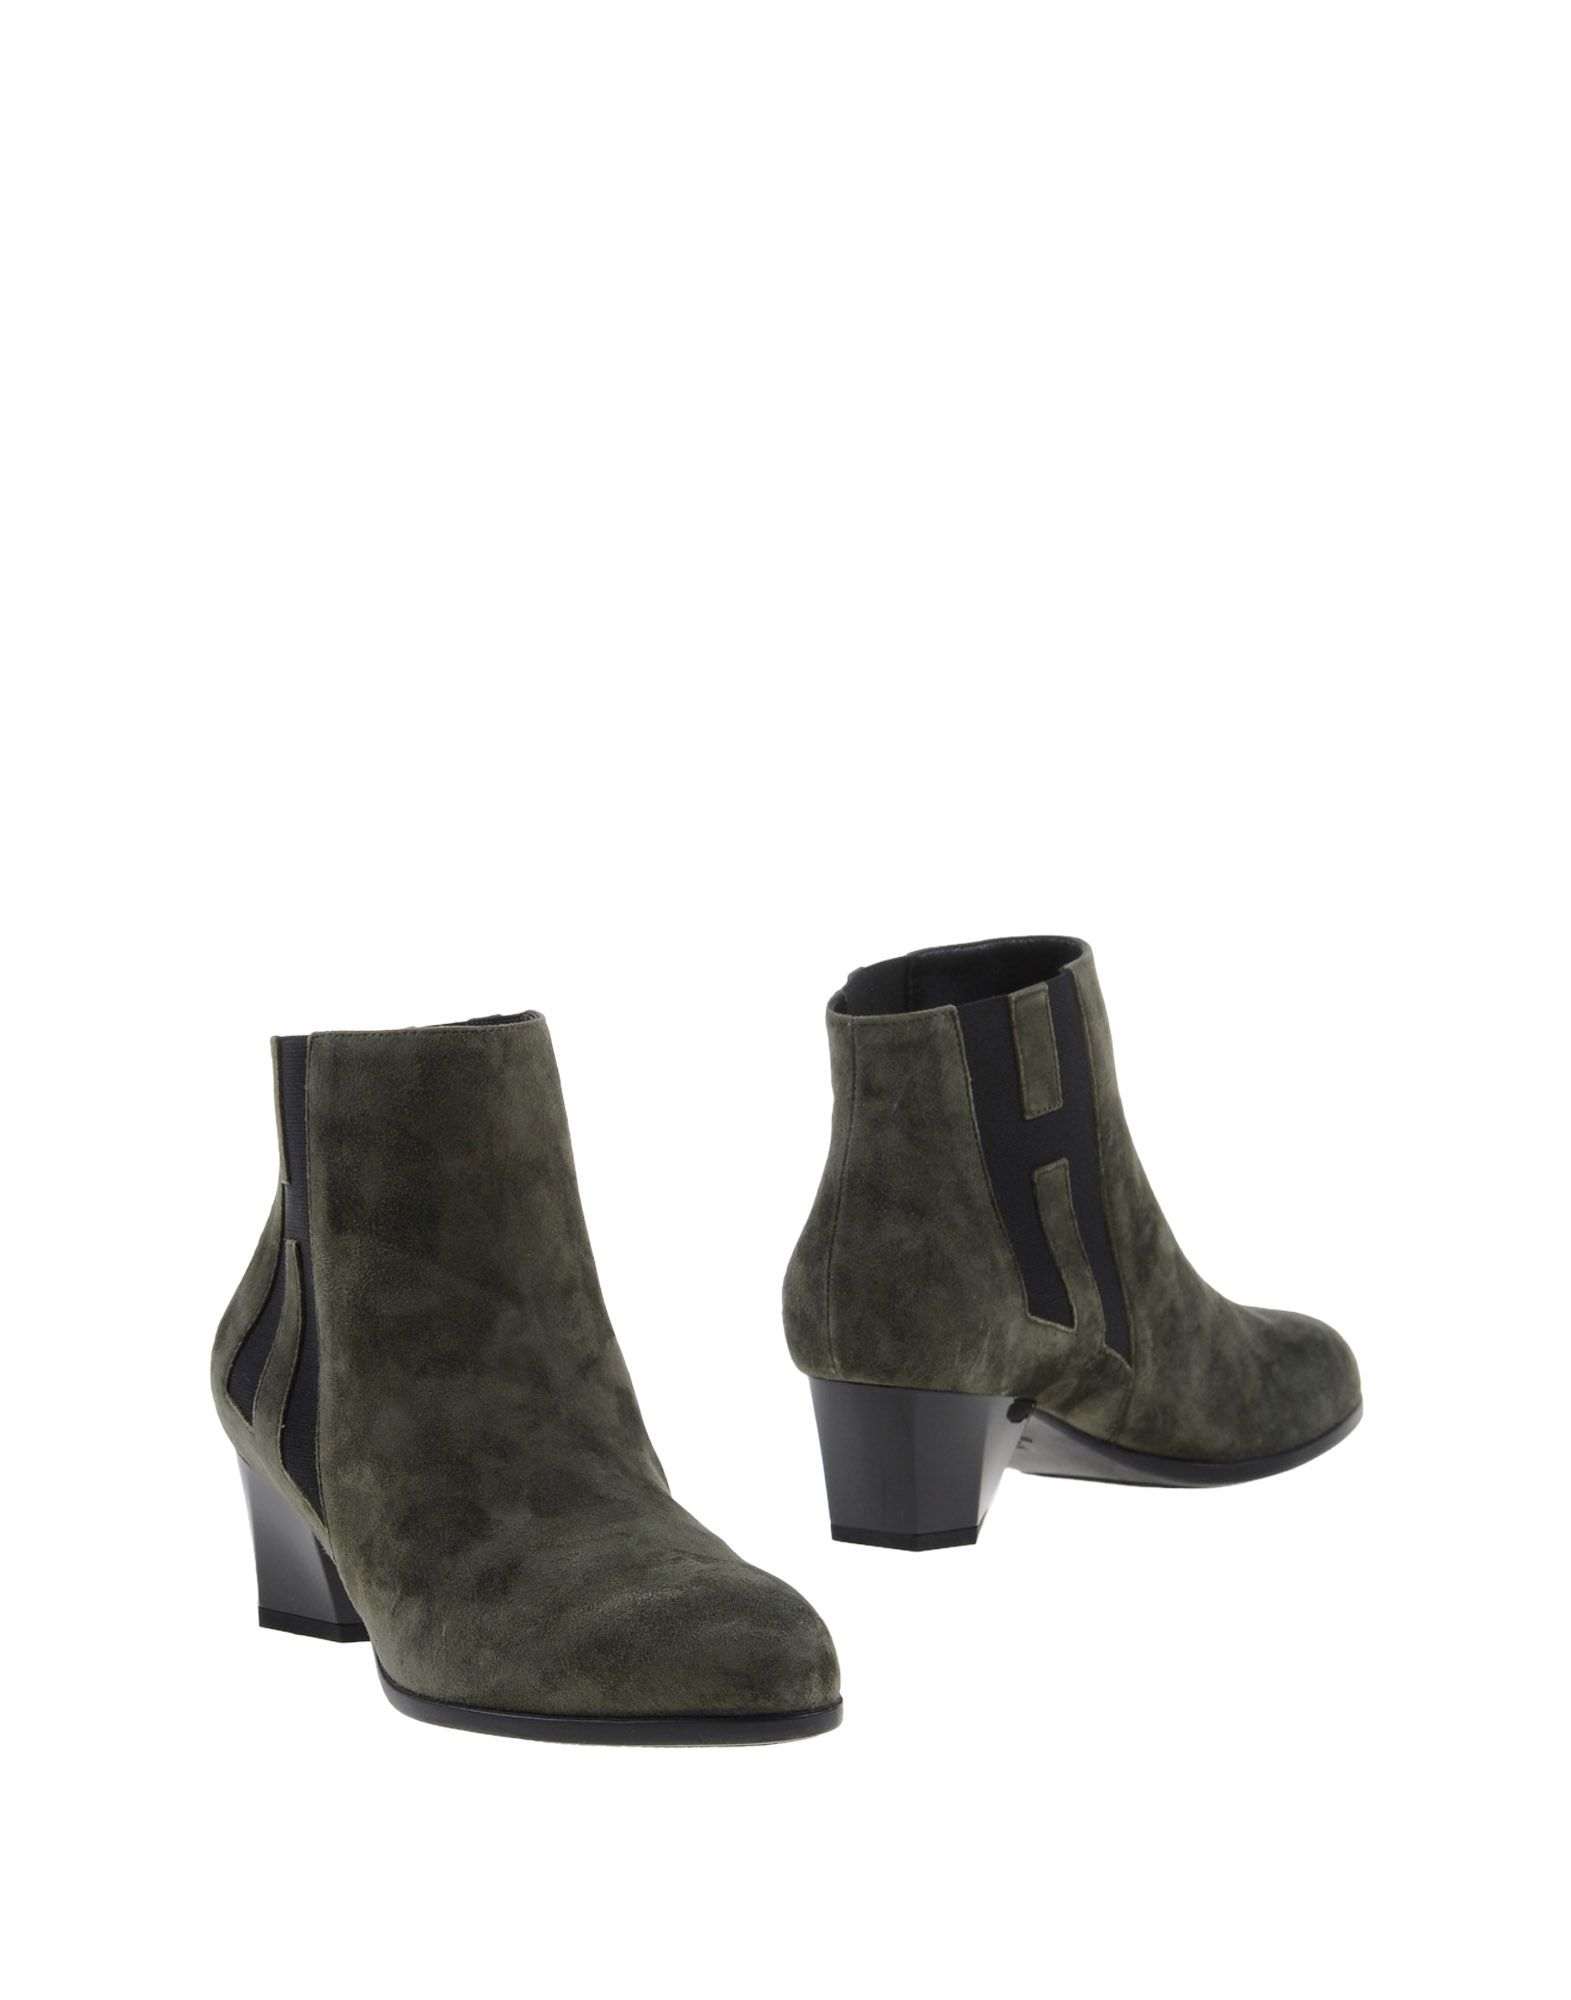 Hogan Stiefelette Damen  11005473LHGut aussehende strapazierfähige Schuhe